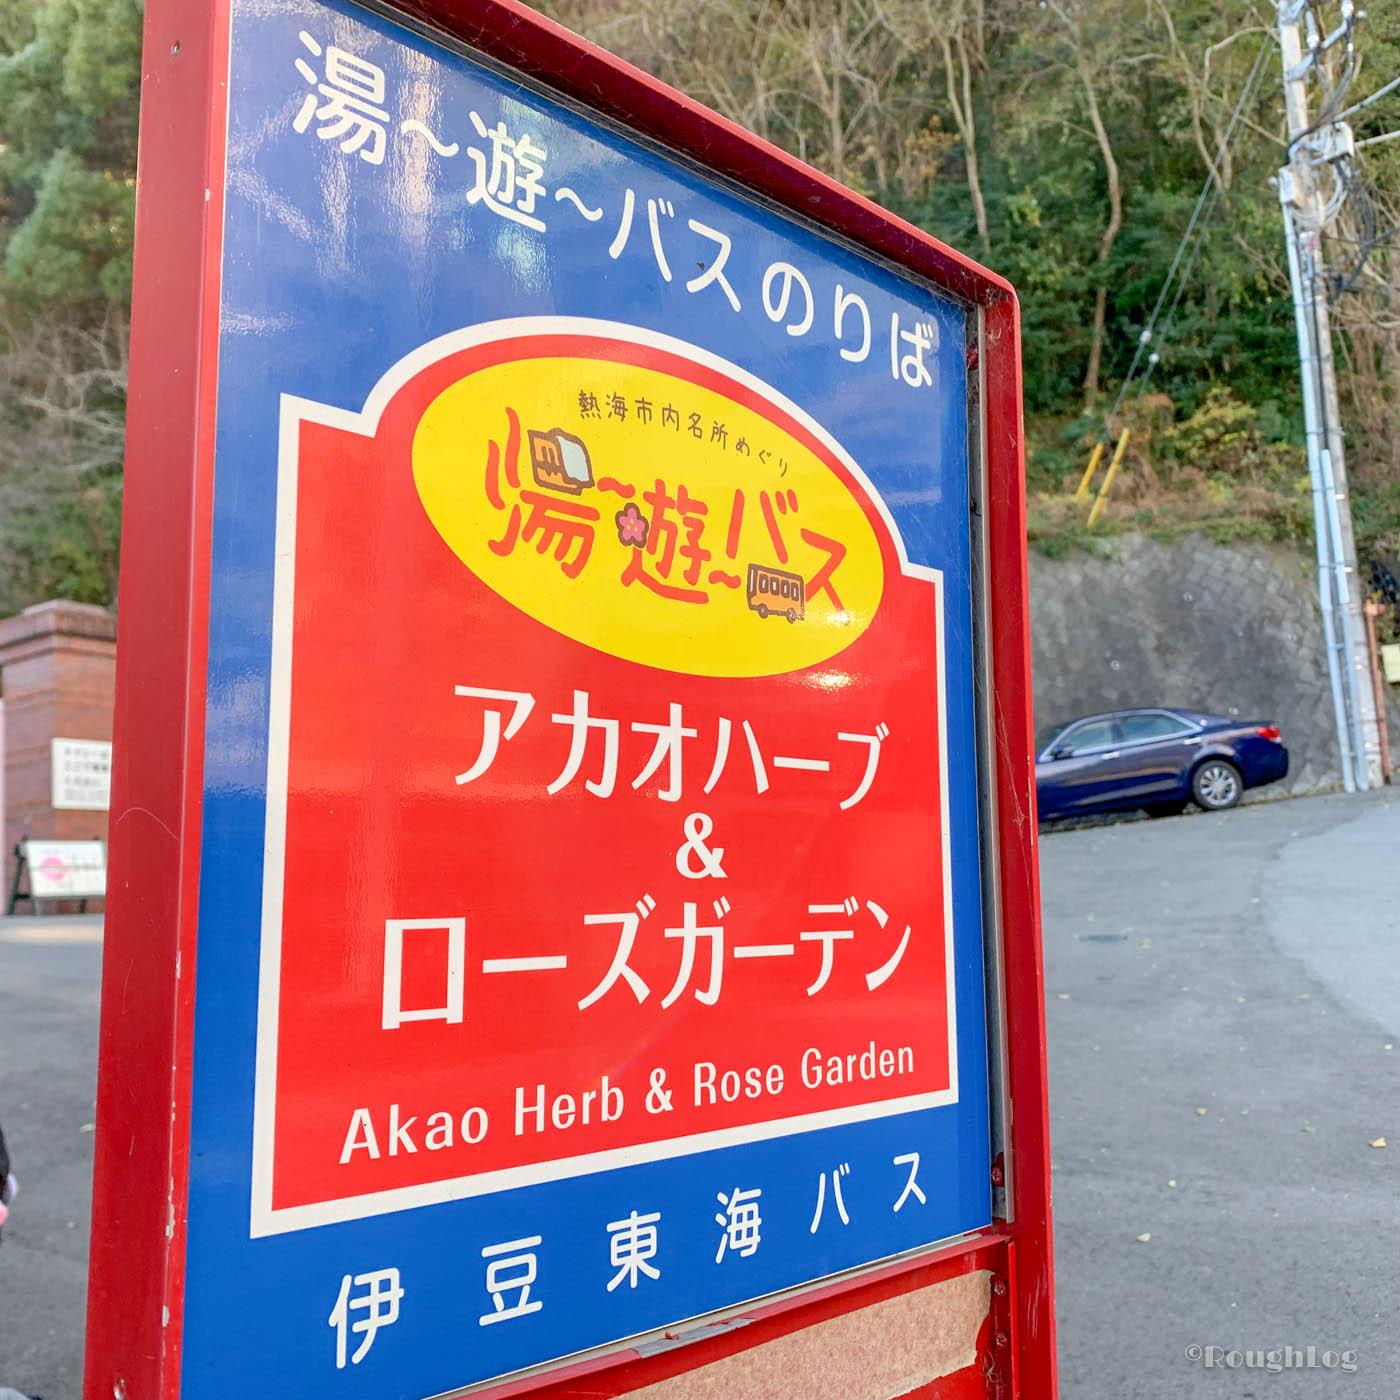 アカオハーブ&ローズガーデンのバス停(伊豆東海バス)